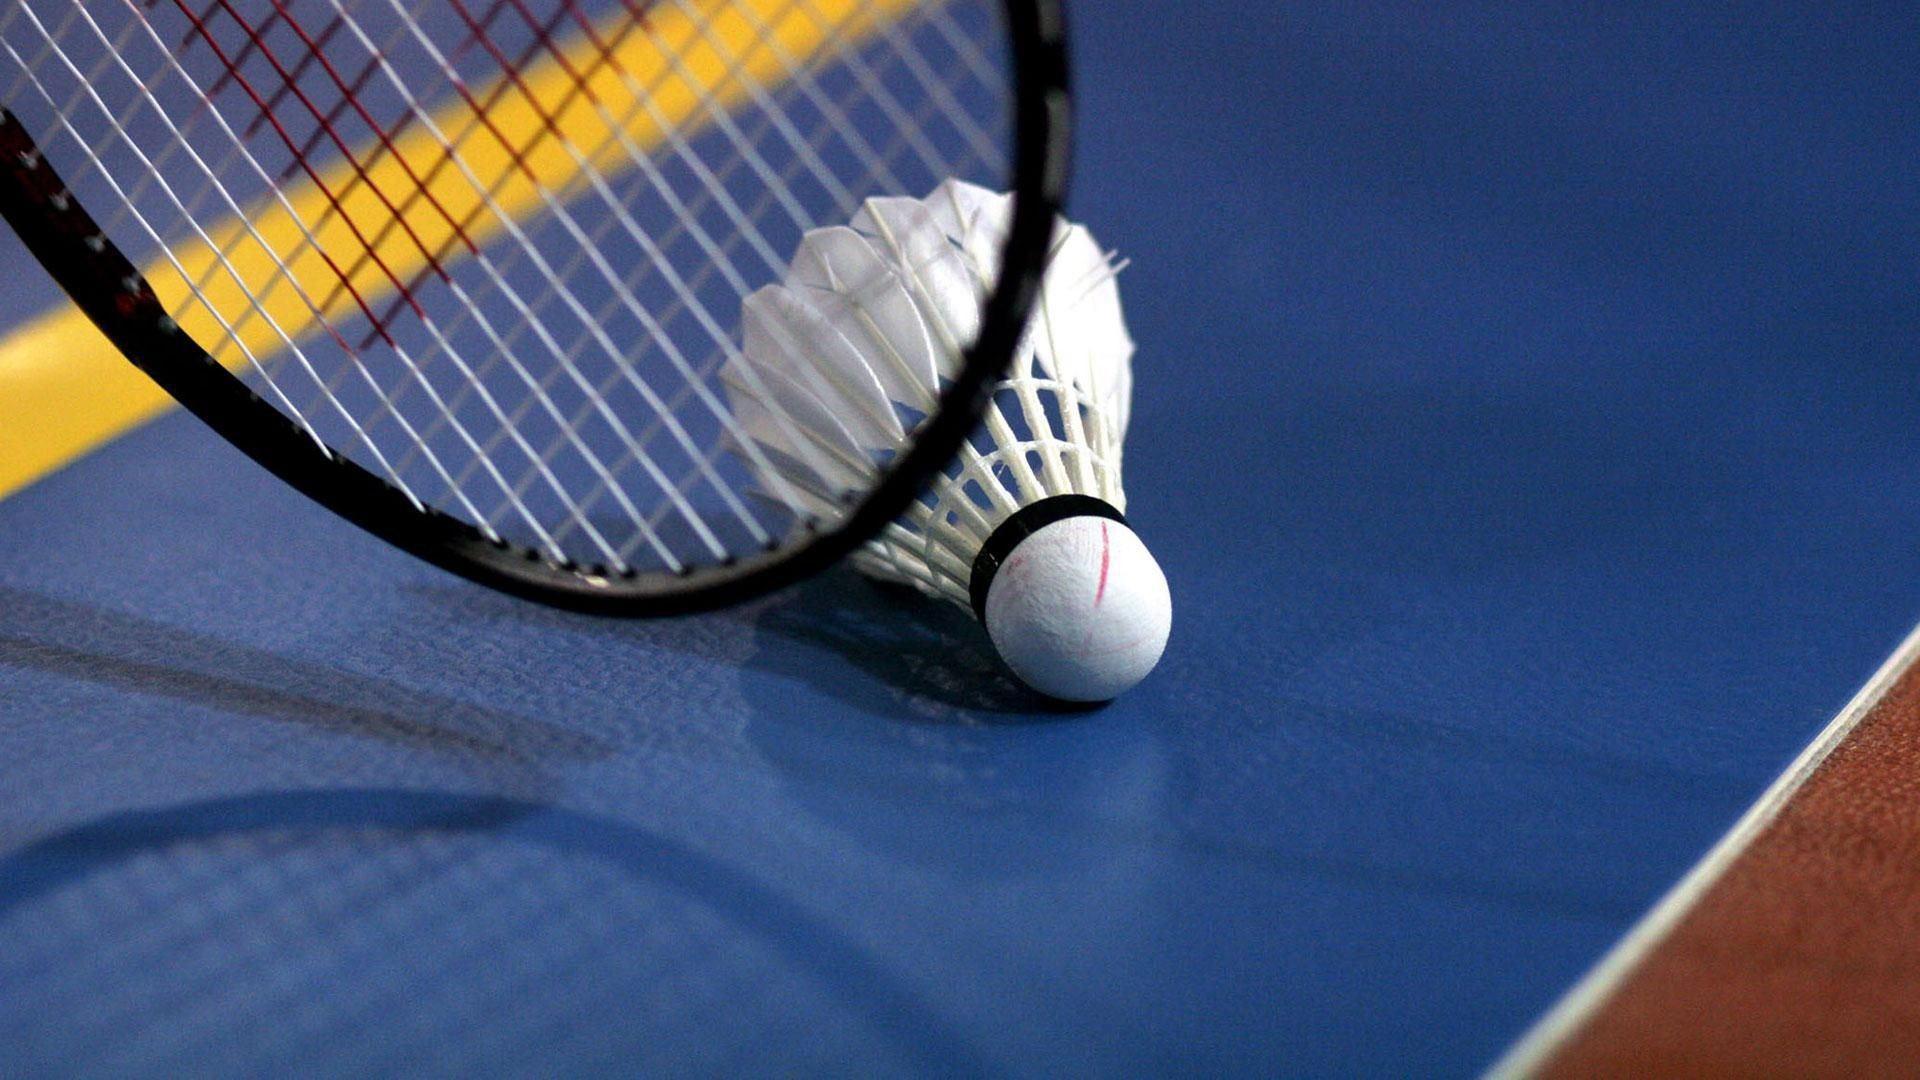 Afbeelding voor categorie Badminton